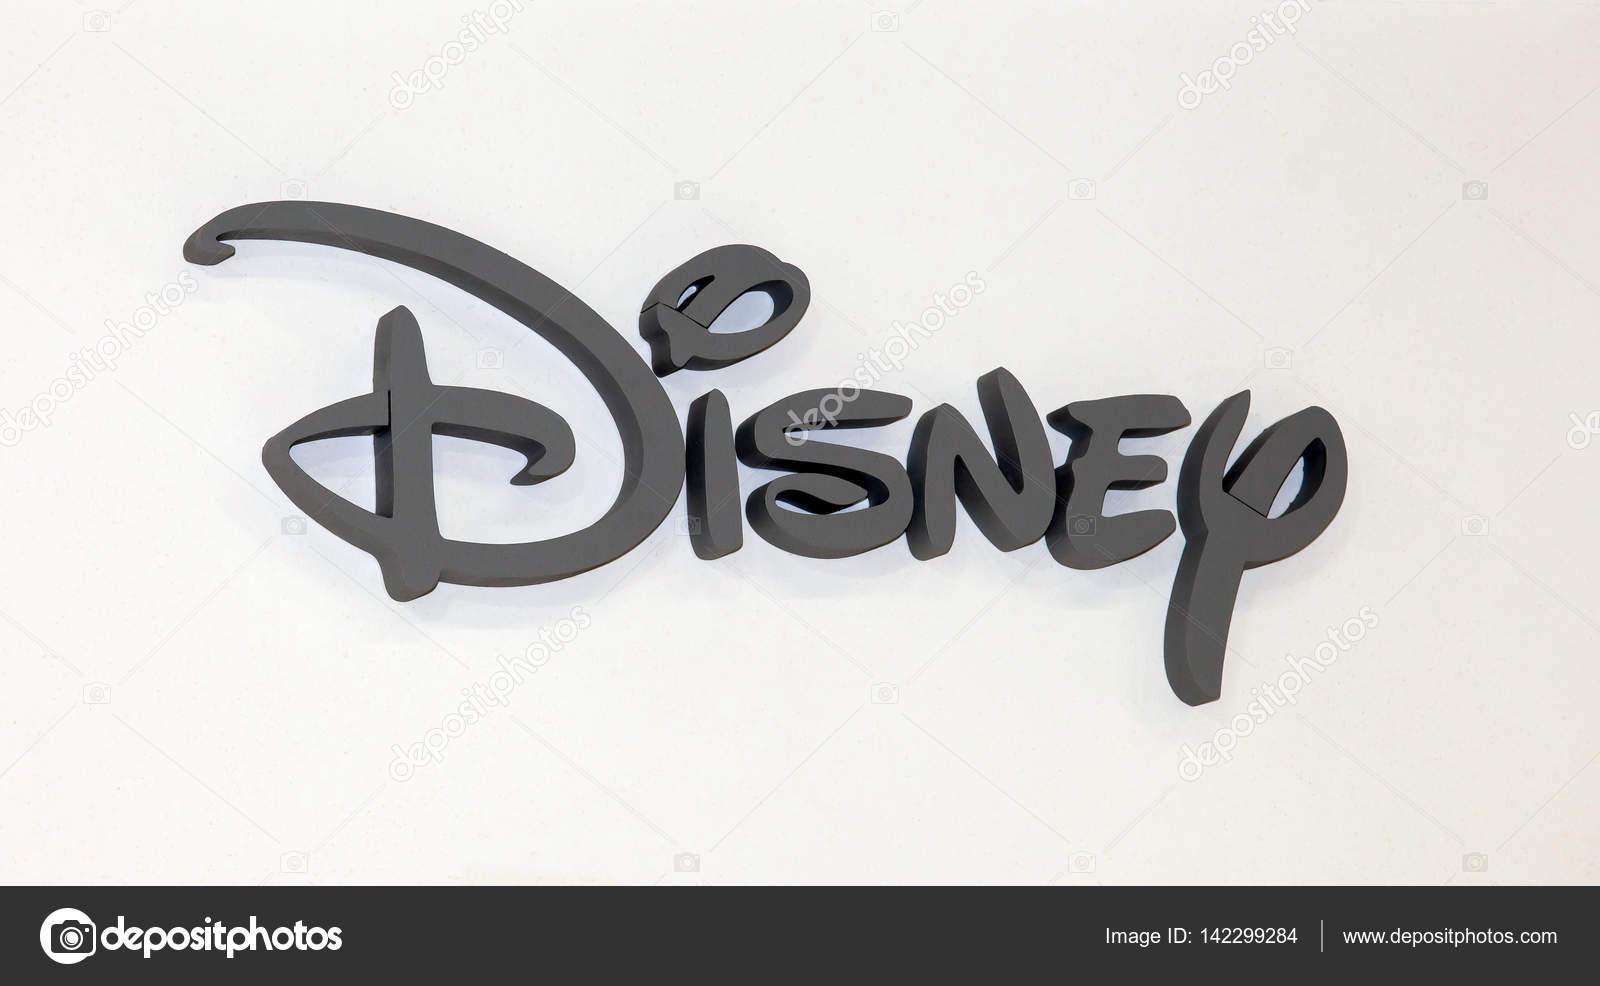 ディズニー会社のロゴ看板。白い壁に灰色のプラスチックの文字